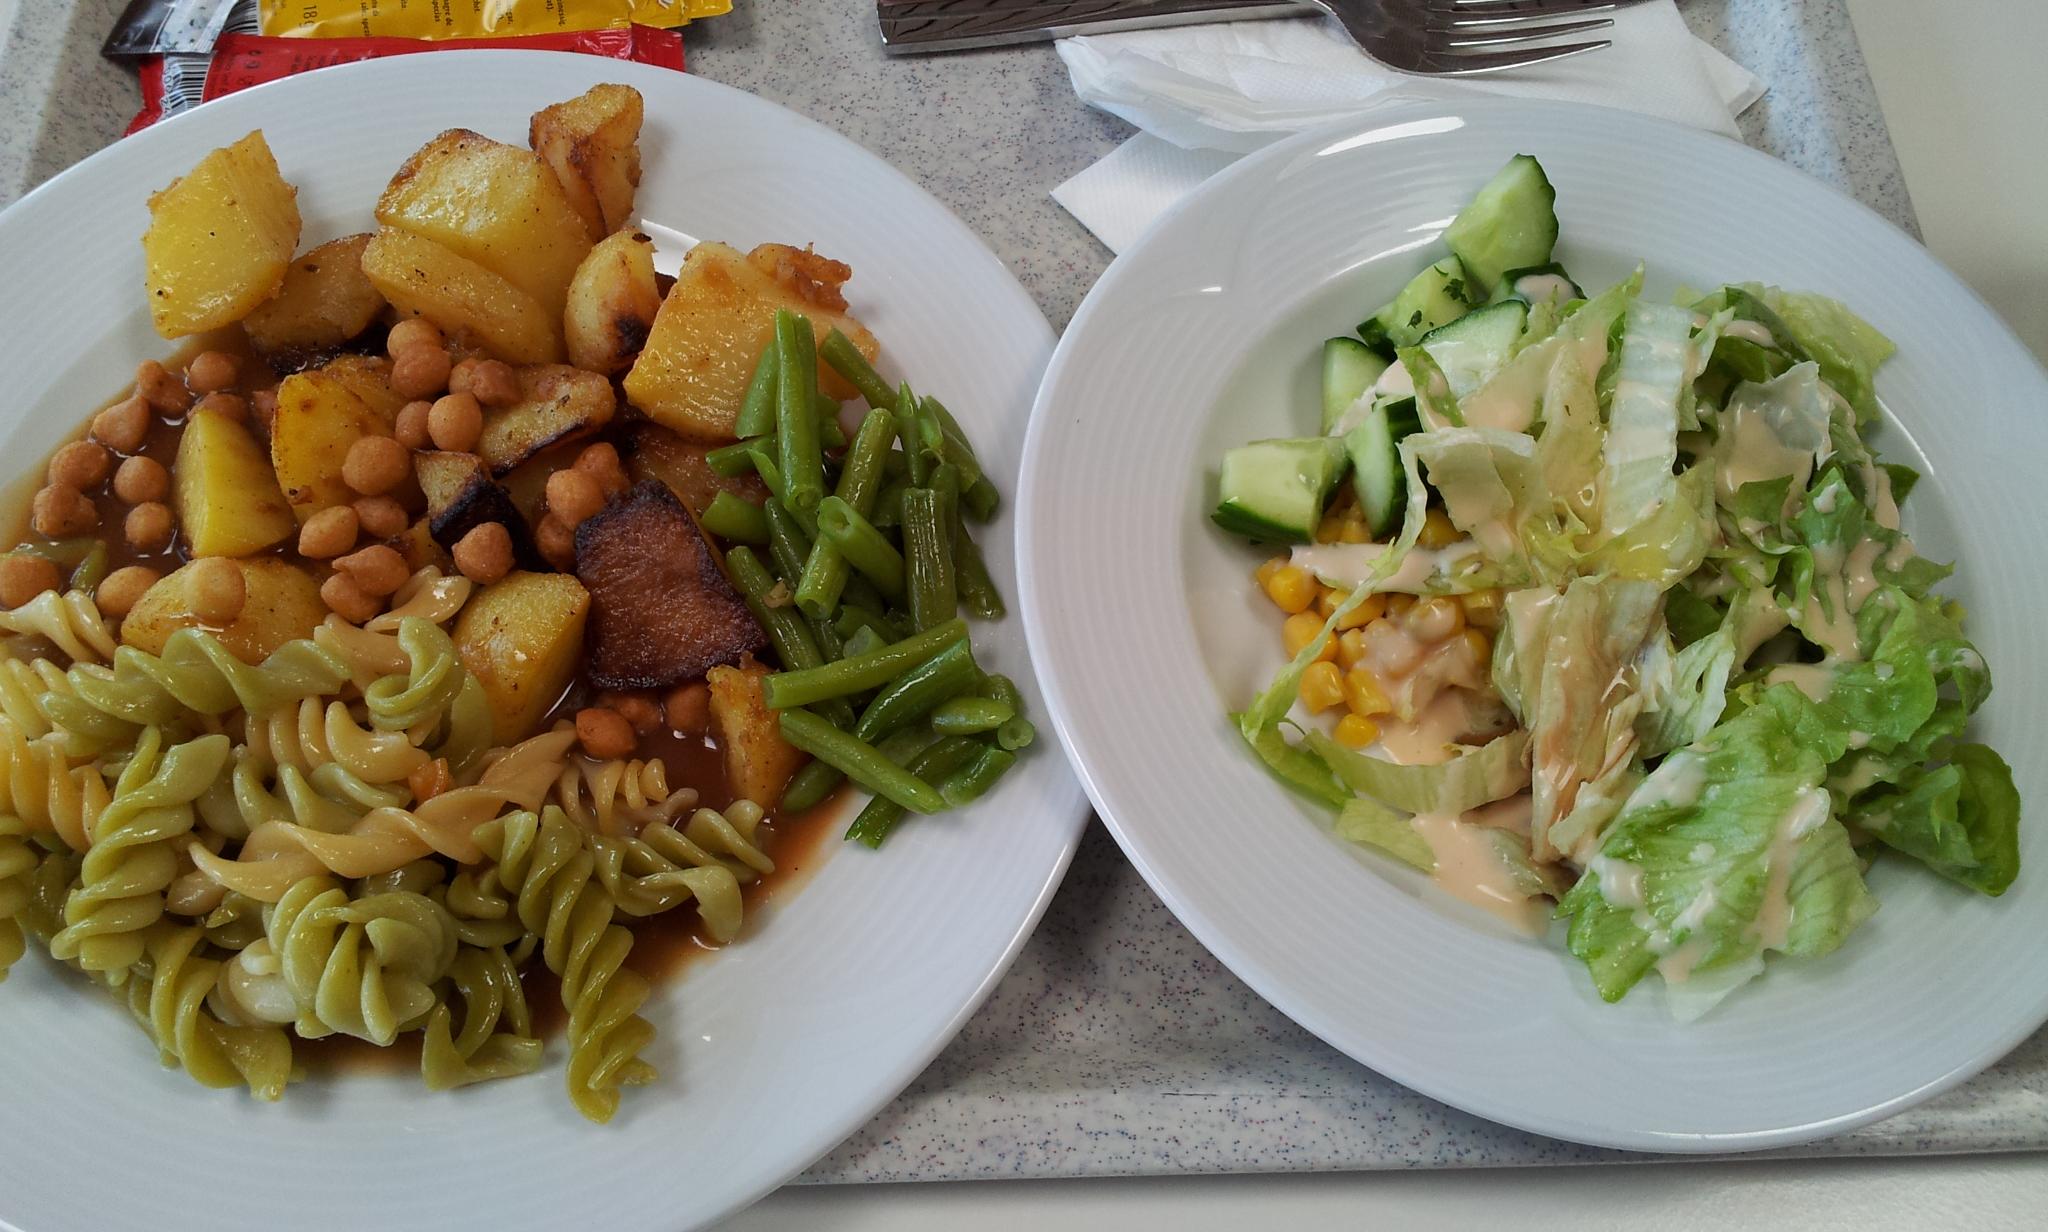 https://foodloader.net/Holz_2012-03-20_Bratkartoffeln_mit_Nudeln_und_Salat.jpg